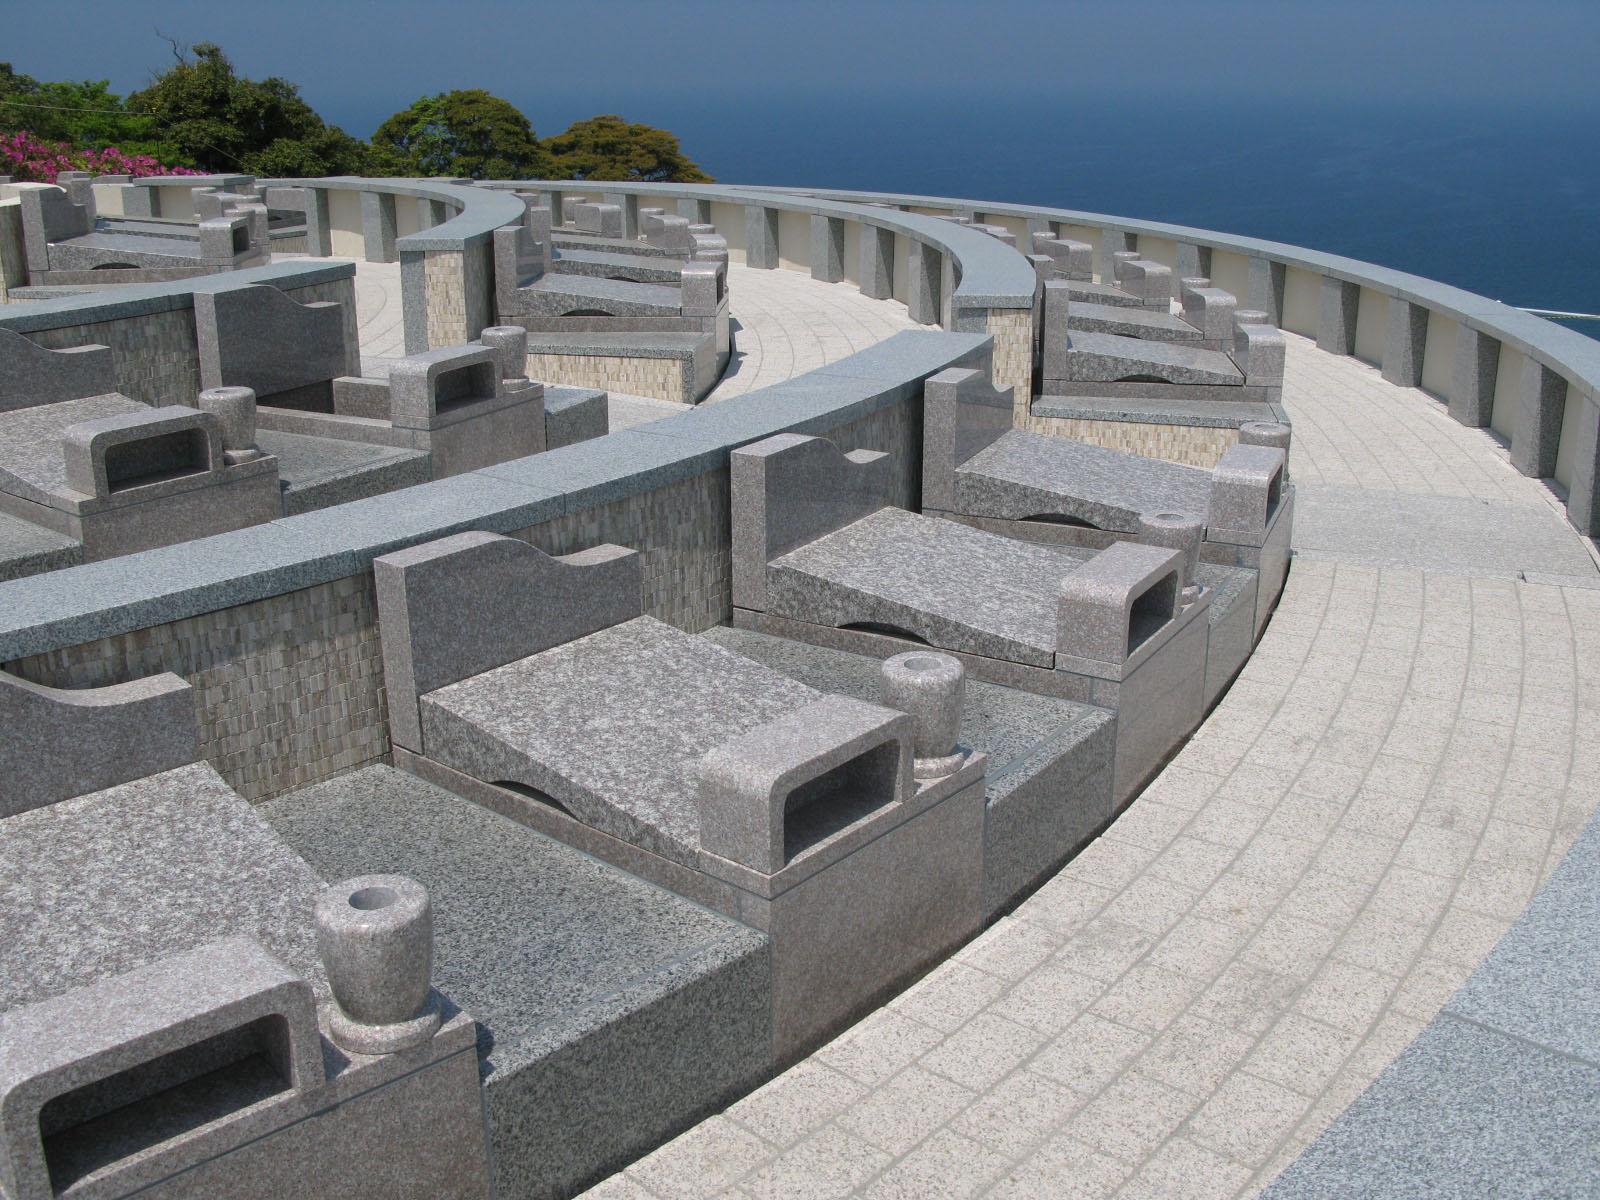 背の低い、モダンな洋風スタイルのお墓が個々のお墓。